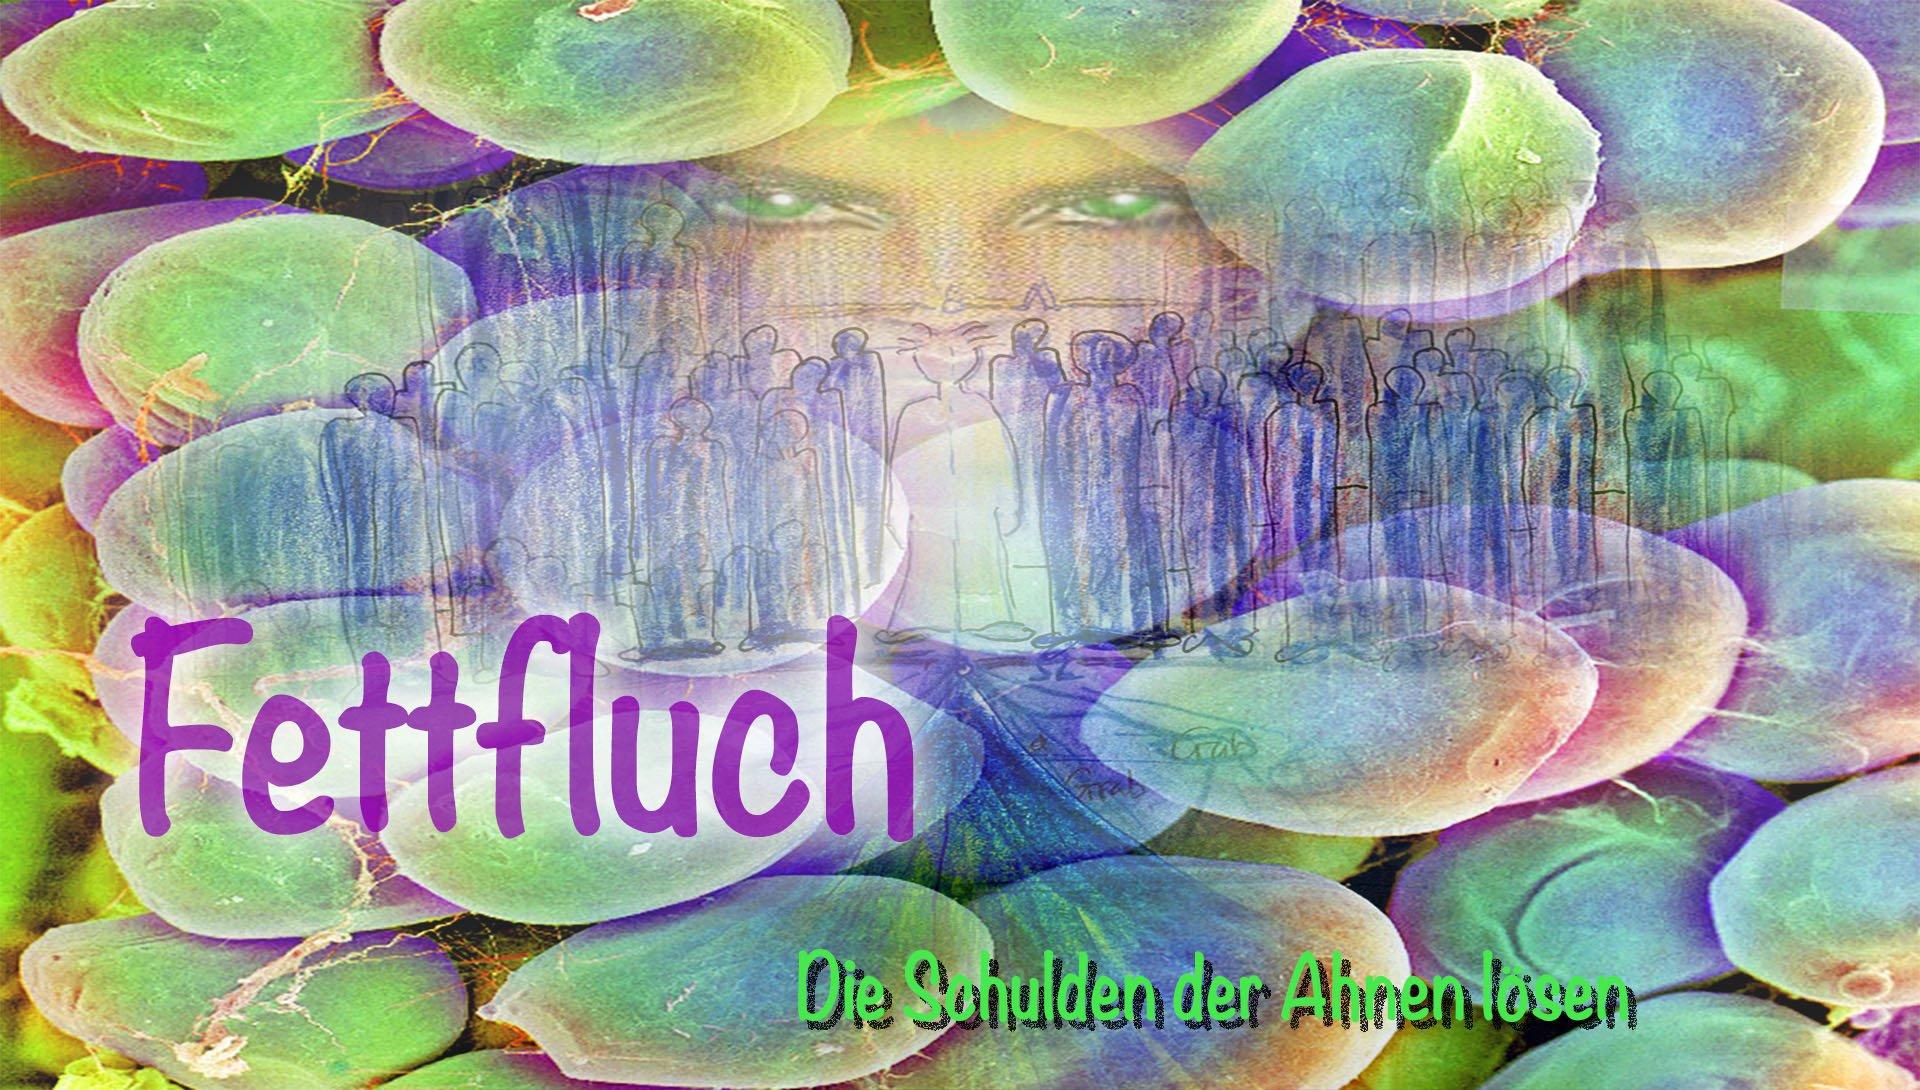 01_Fettfluch_Schulden_Ahnen